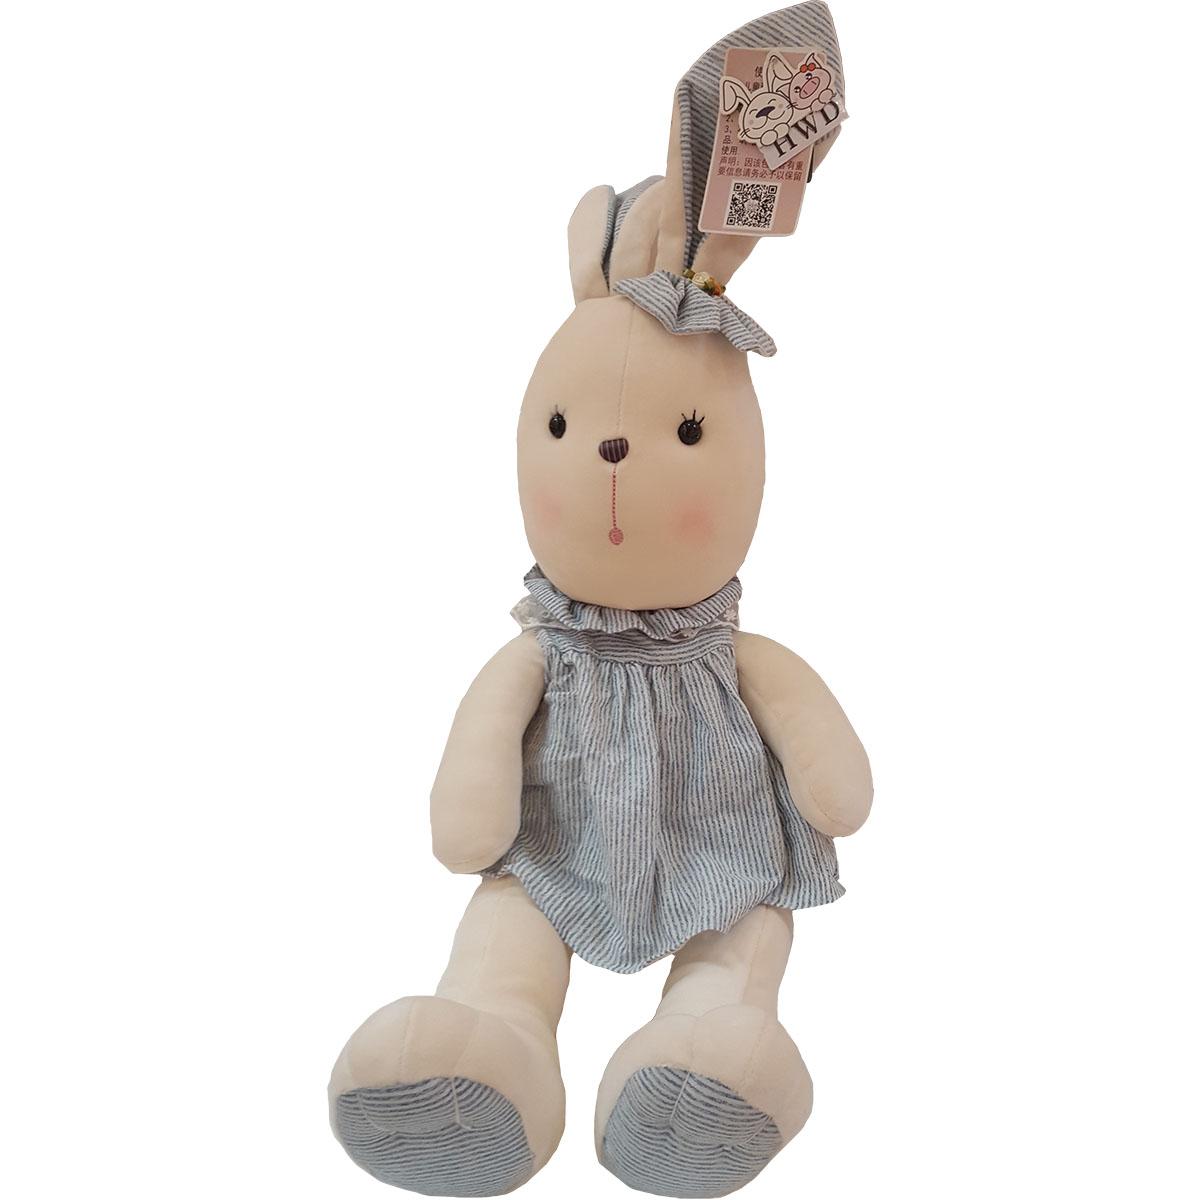 عروسک اچ دبلیو دی طرح خرگوش دختر ارتفاع ۹۵ سانتی متر